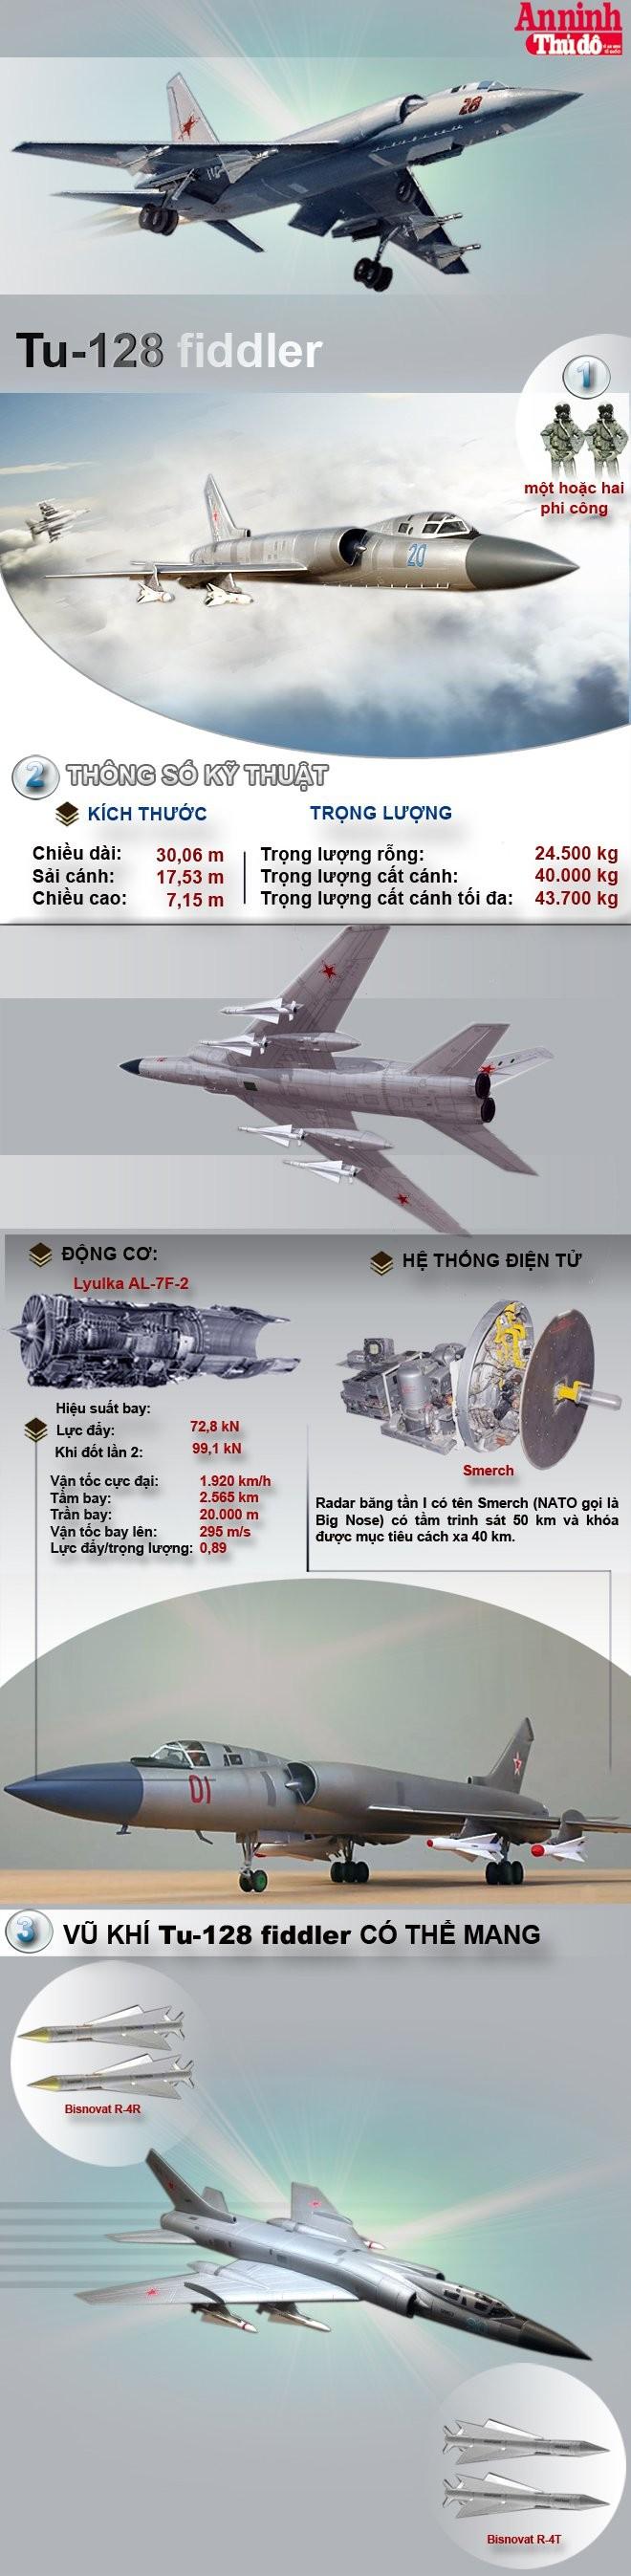 """[Infographic] Tu-128 Fiddler - """"Sát thủ"""" đánh chặn lớn nhất thế giới của Liên Xô"""